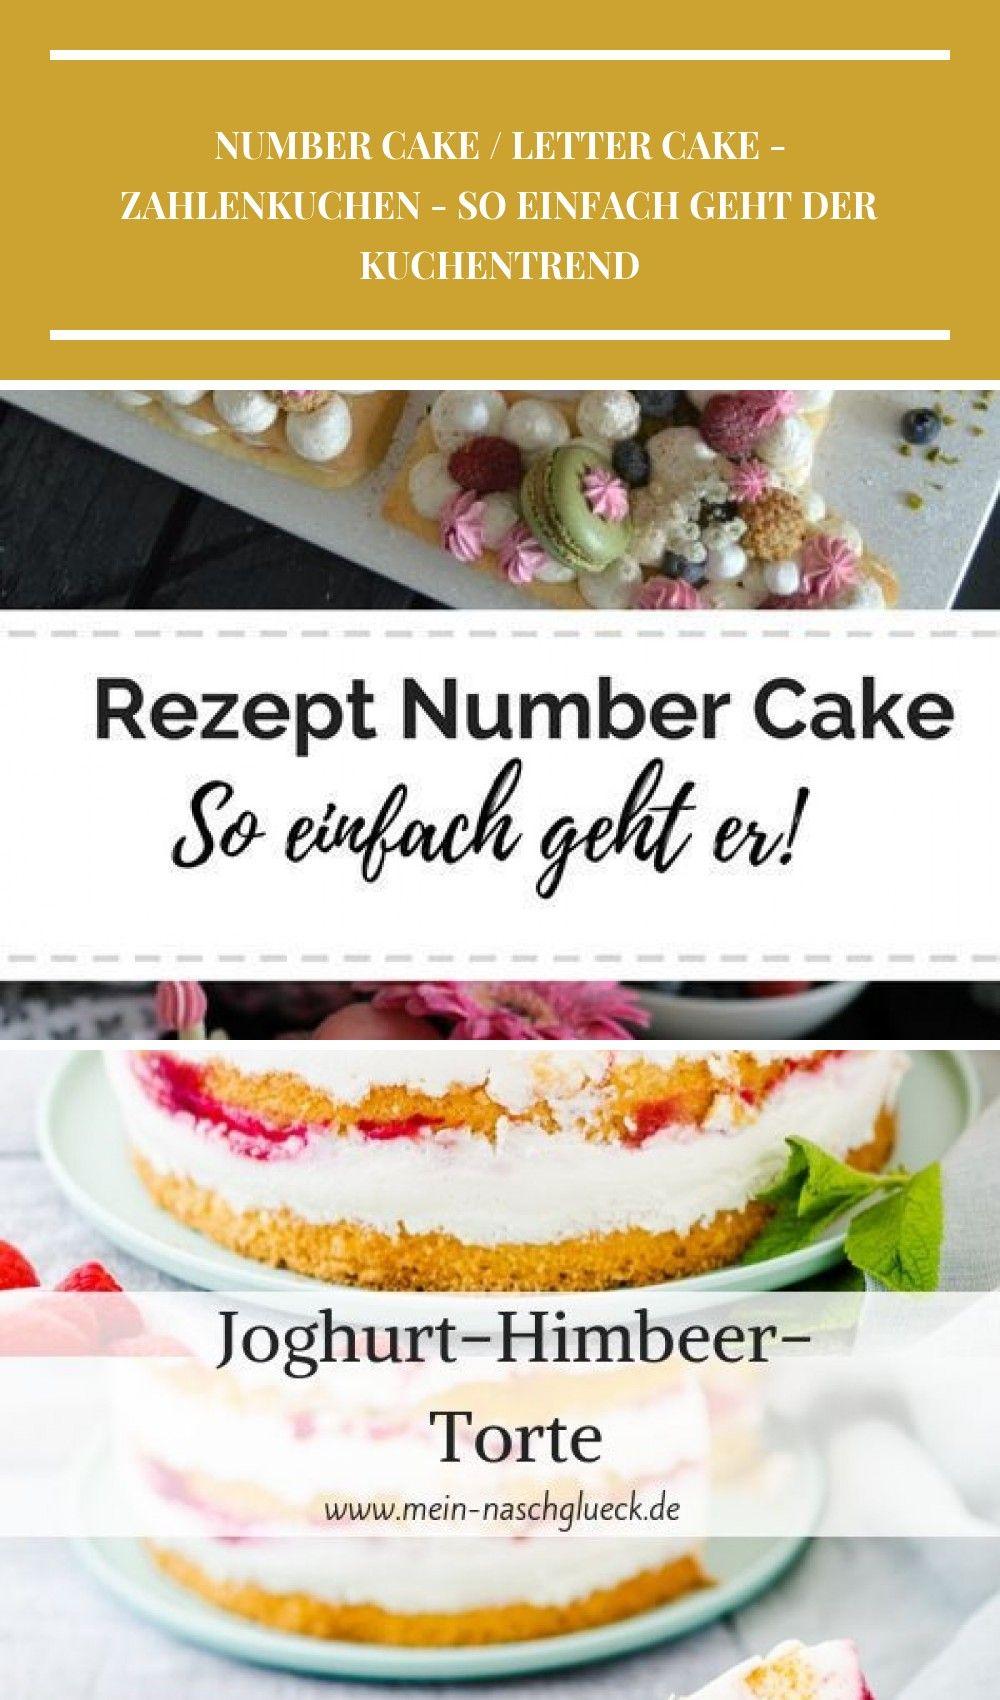 So geht der neue Kuchentrend Number Cake / Letter Cake. Auf meinem Blog habe ich das Rezept sowie Tipps wie man ohne Verschnitt die Zahlen mit Biskuit backen kann. Der Zahlenkuchen ist der Hit auf jedem Geburtstag. #numbercake #rezept #lettercake backen kuchen Number Cake / Letter Cake - Zahlenkuchen - so einfach geht der Kuchentrend #lettercakegeburtstag